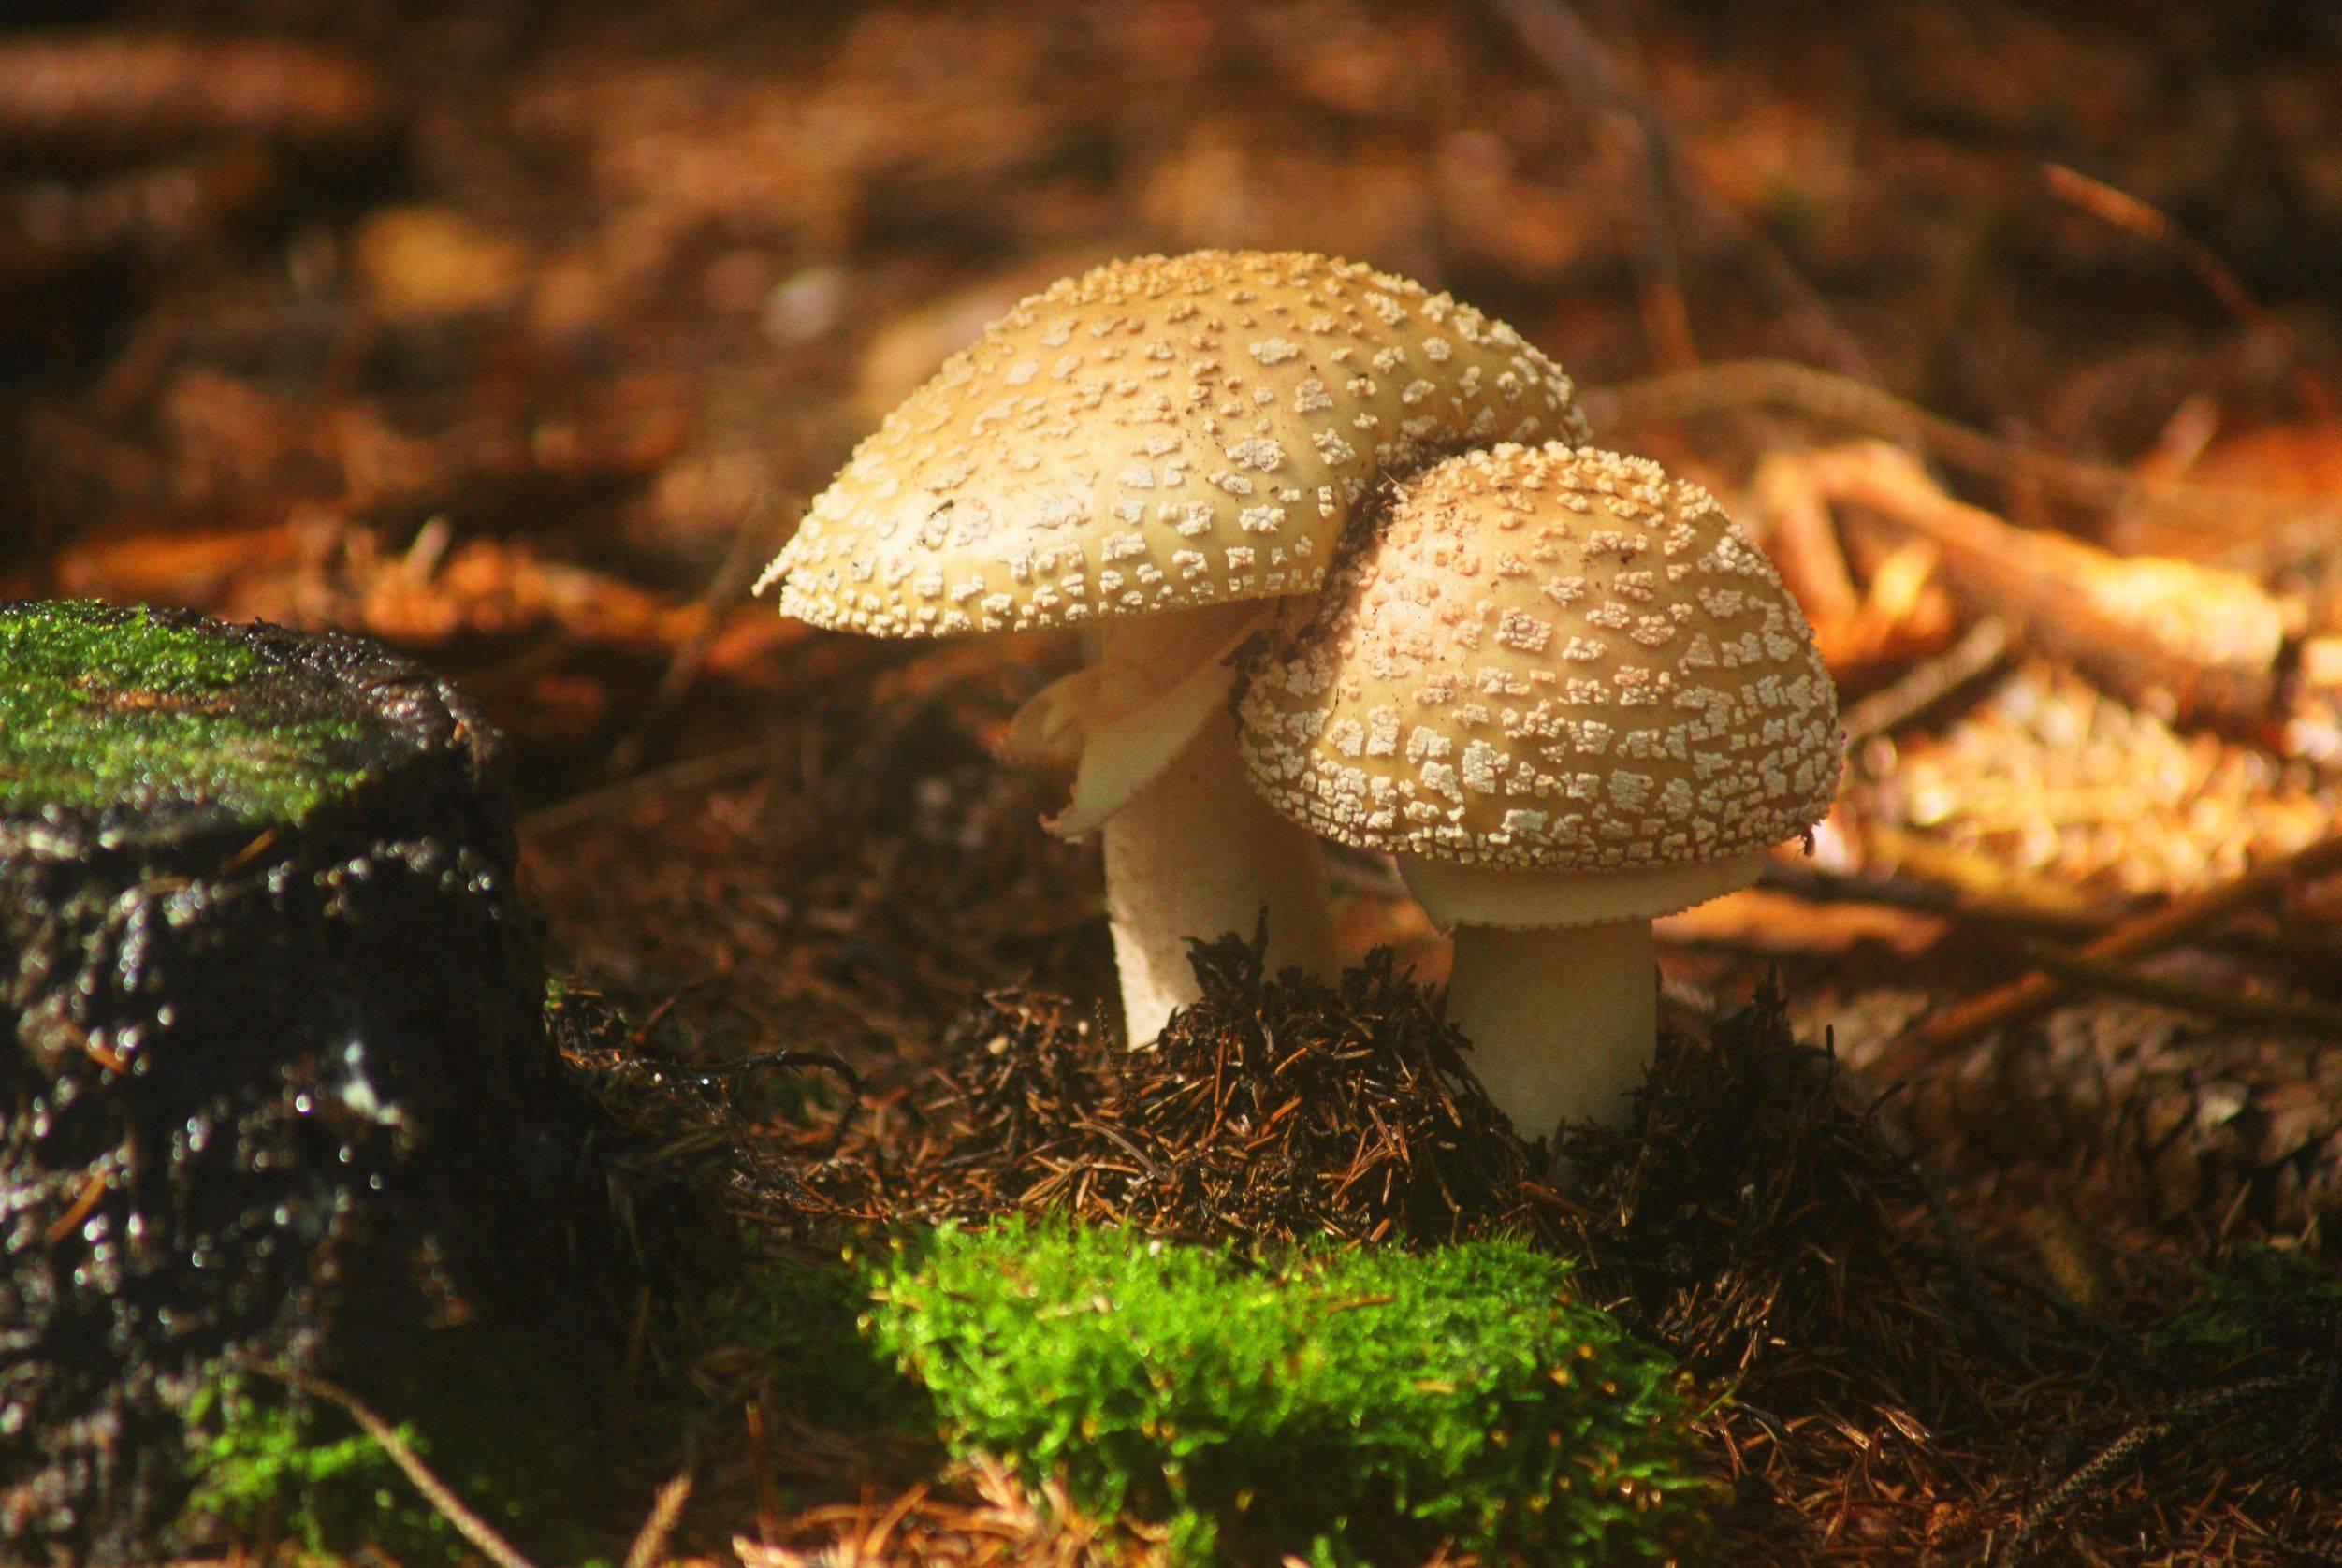 Черный мухомор или поплавок: фото и описание гриба